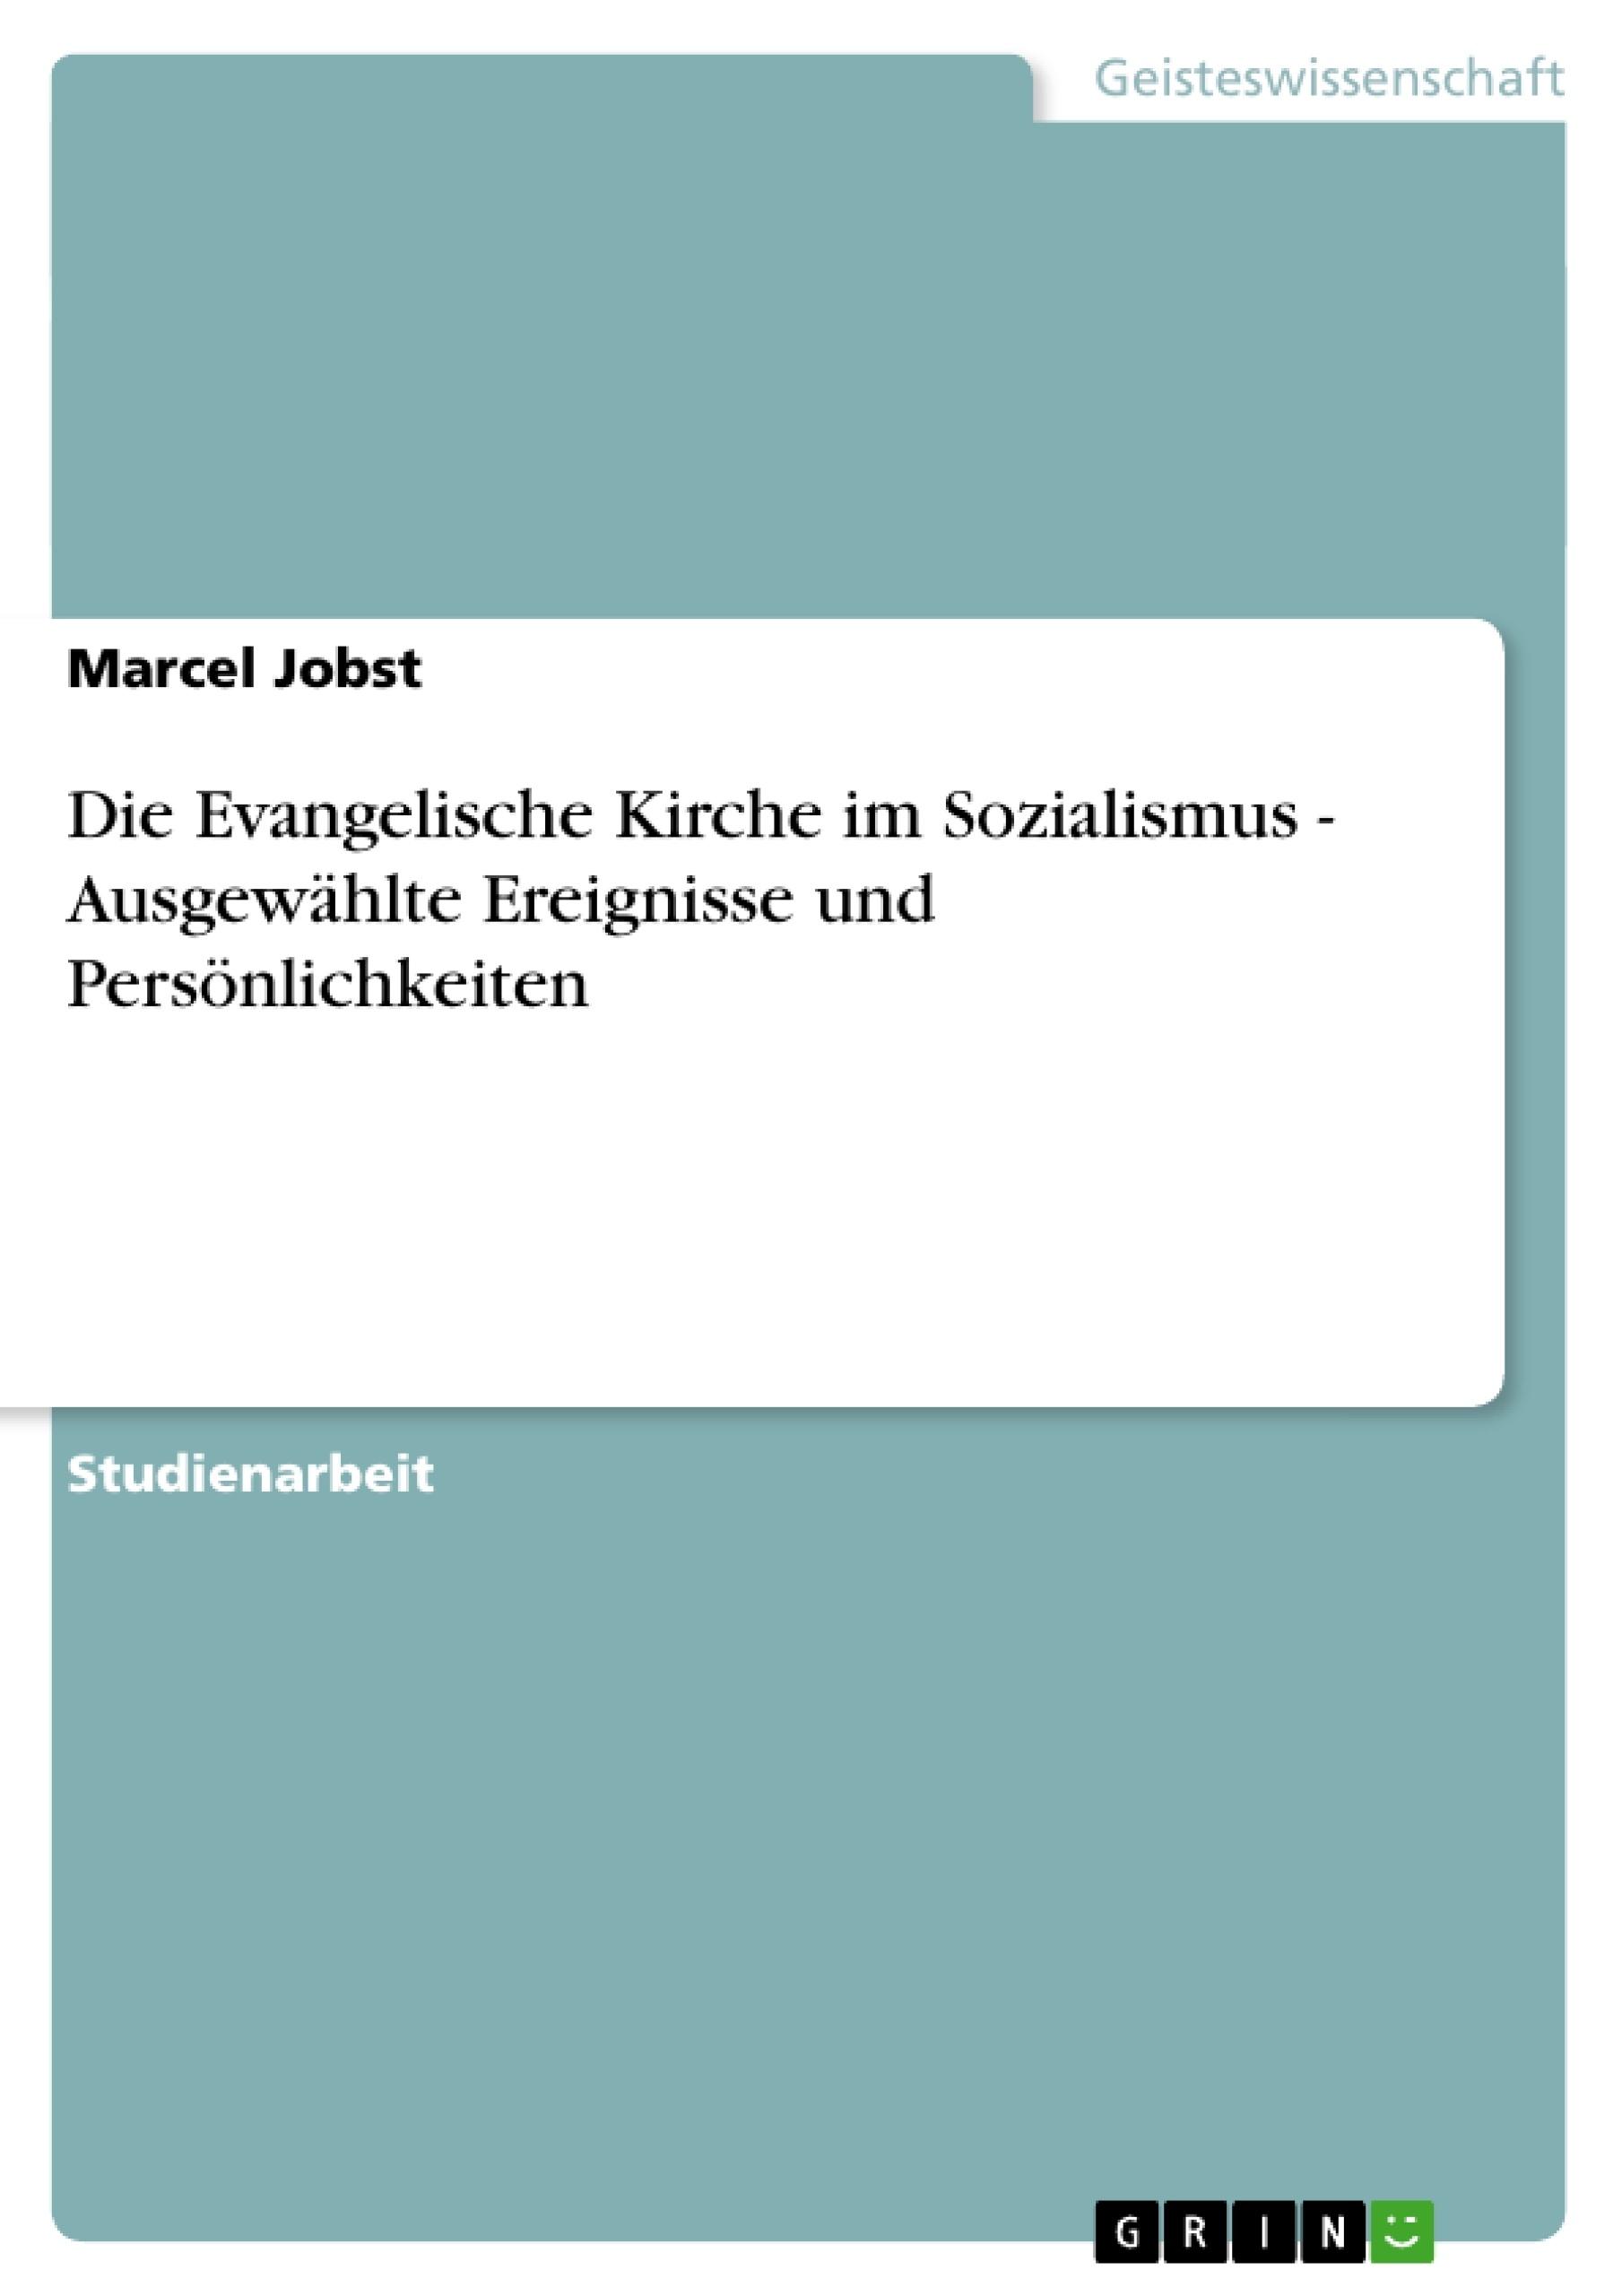 Titel: Die Evangelische Kirche im Sozialismus - Ausgewählte Ereignisse und Persönlichkeiten